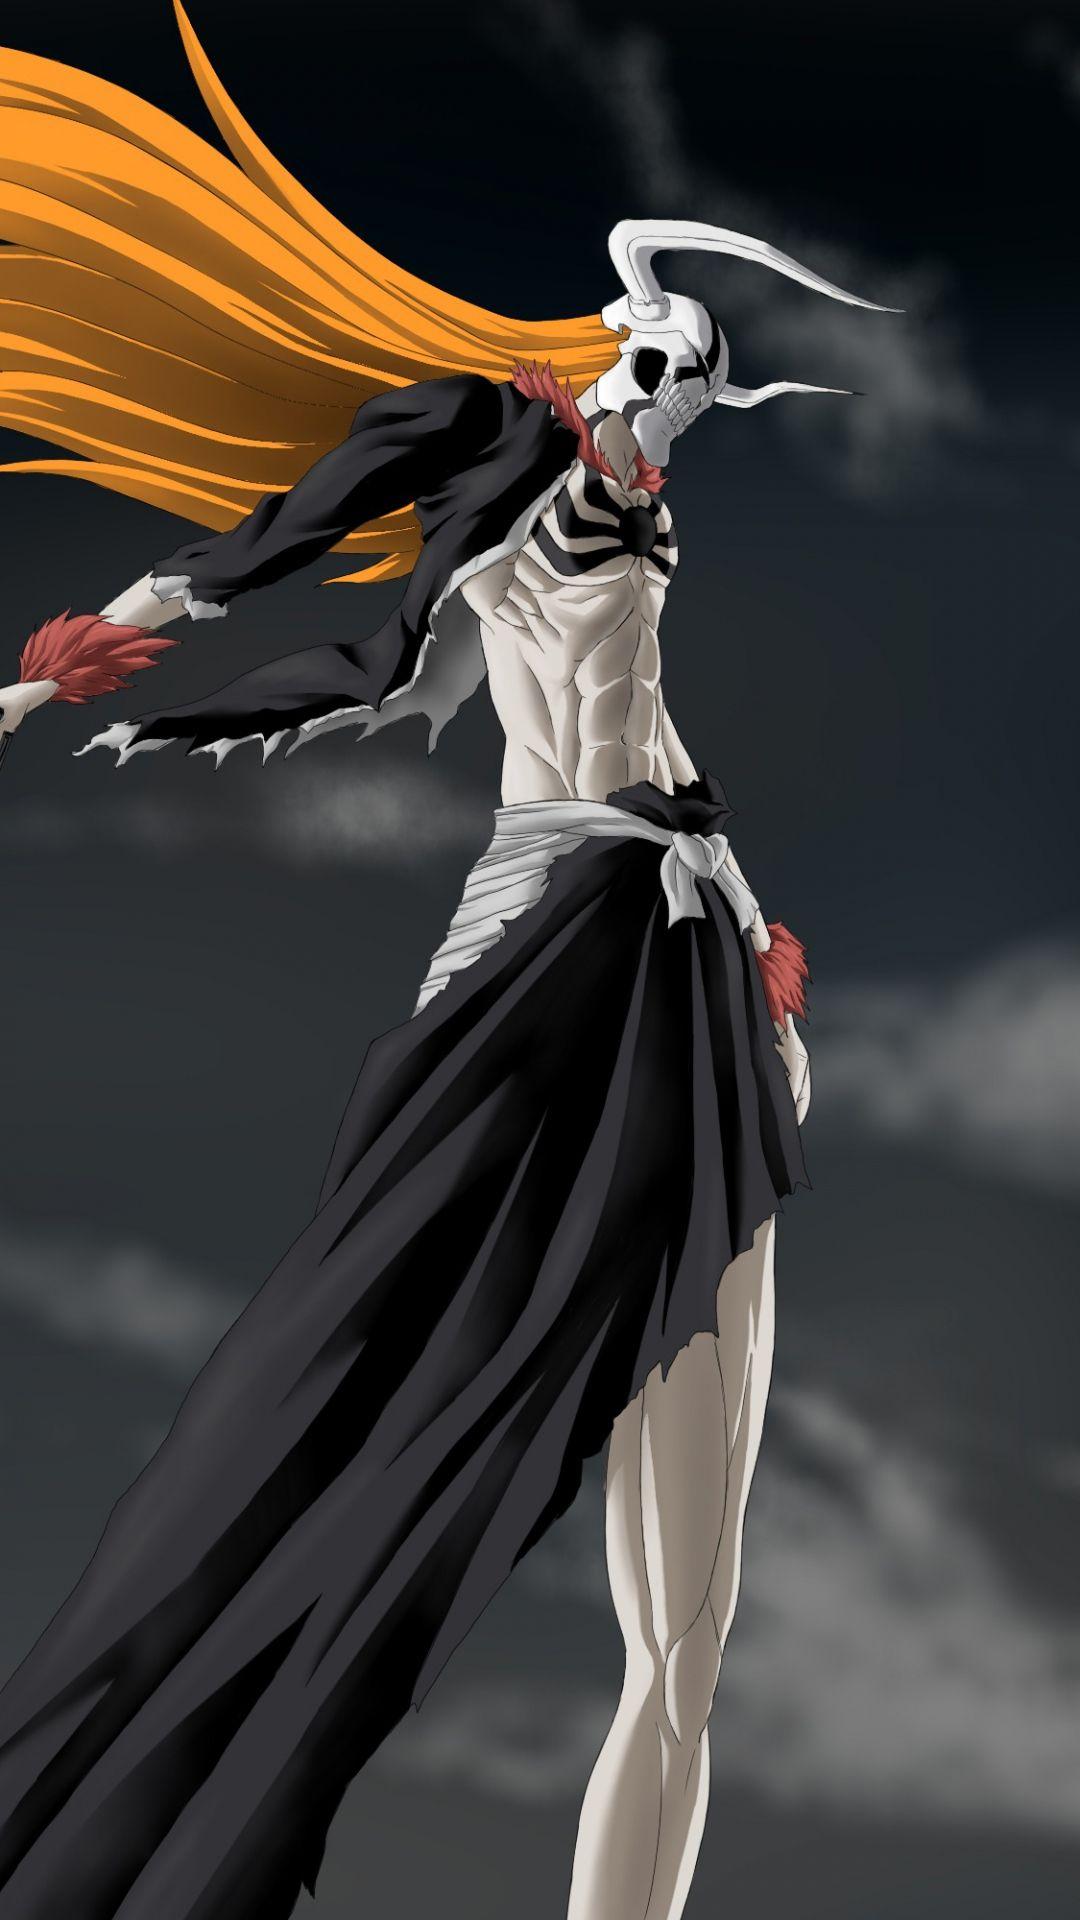 HD Bleach iPhone Wallpaper Bleach anime ichigo, Bleach